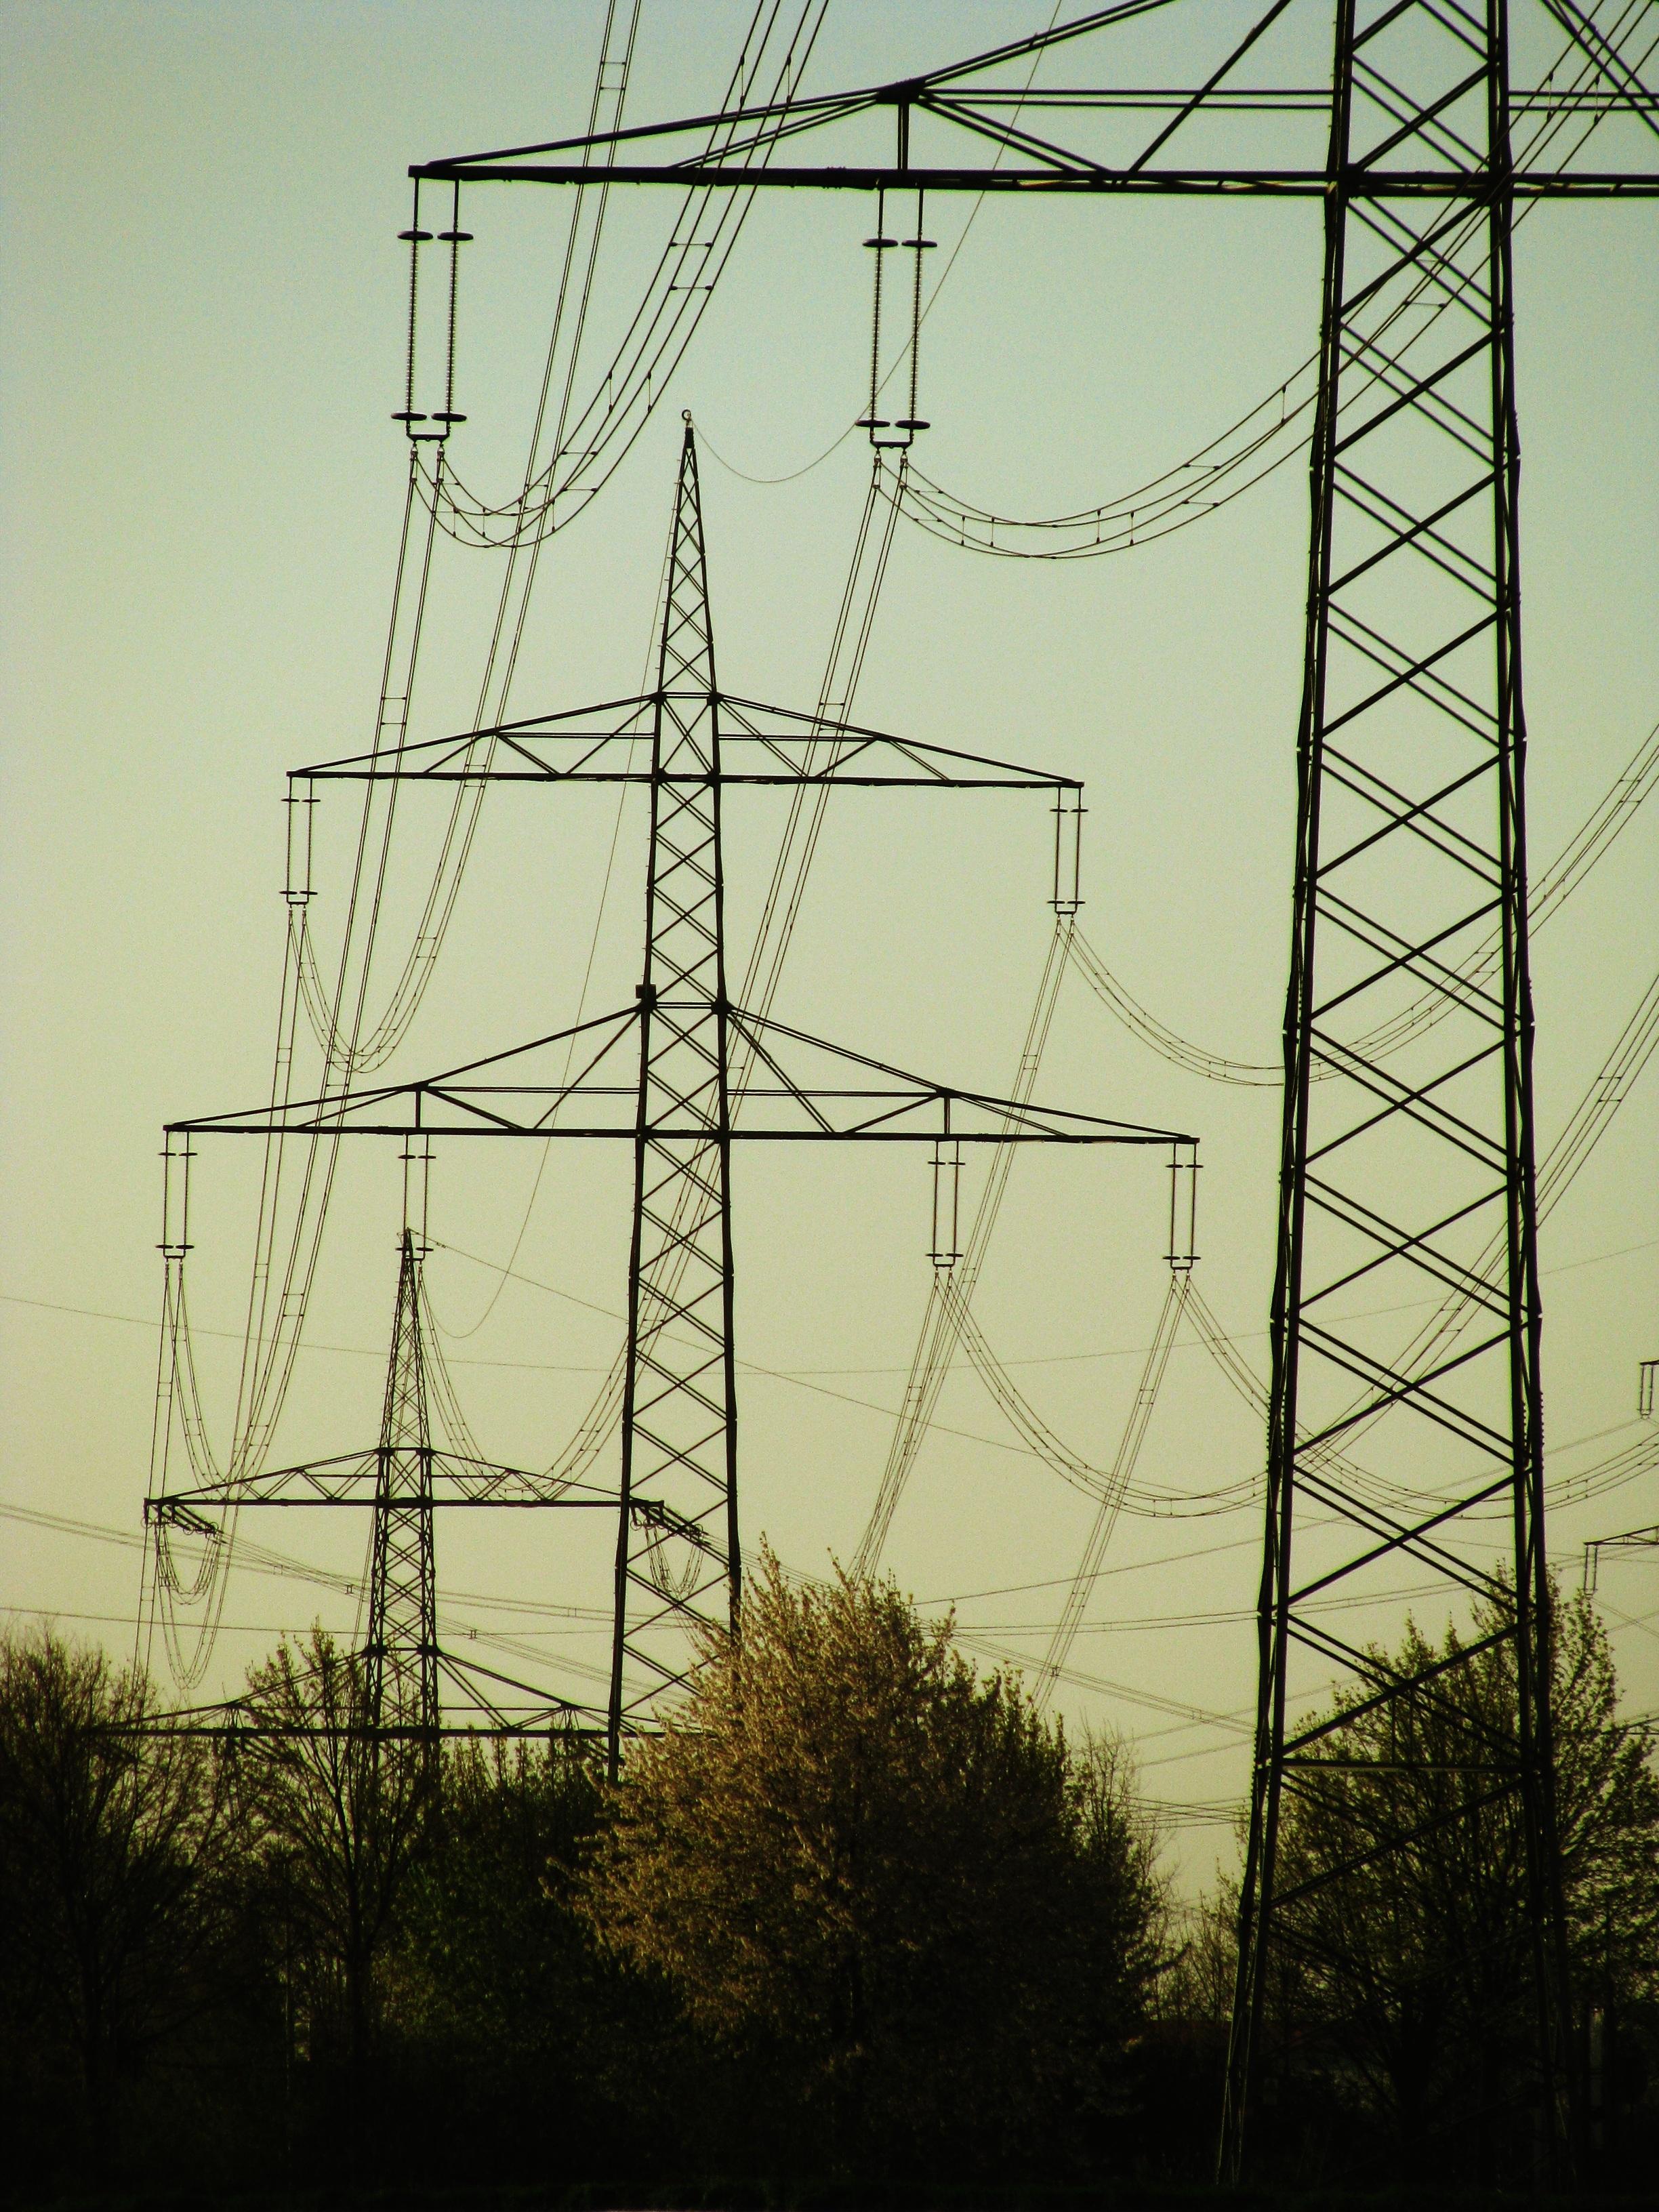 Fotos gratis : paisaje, tecnología, noche, línea, torre, Línea ...